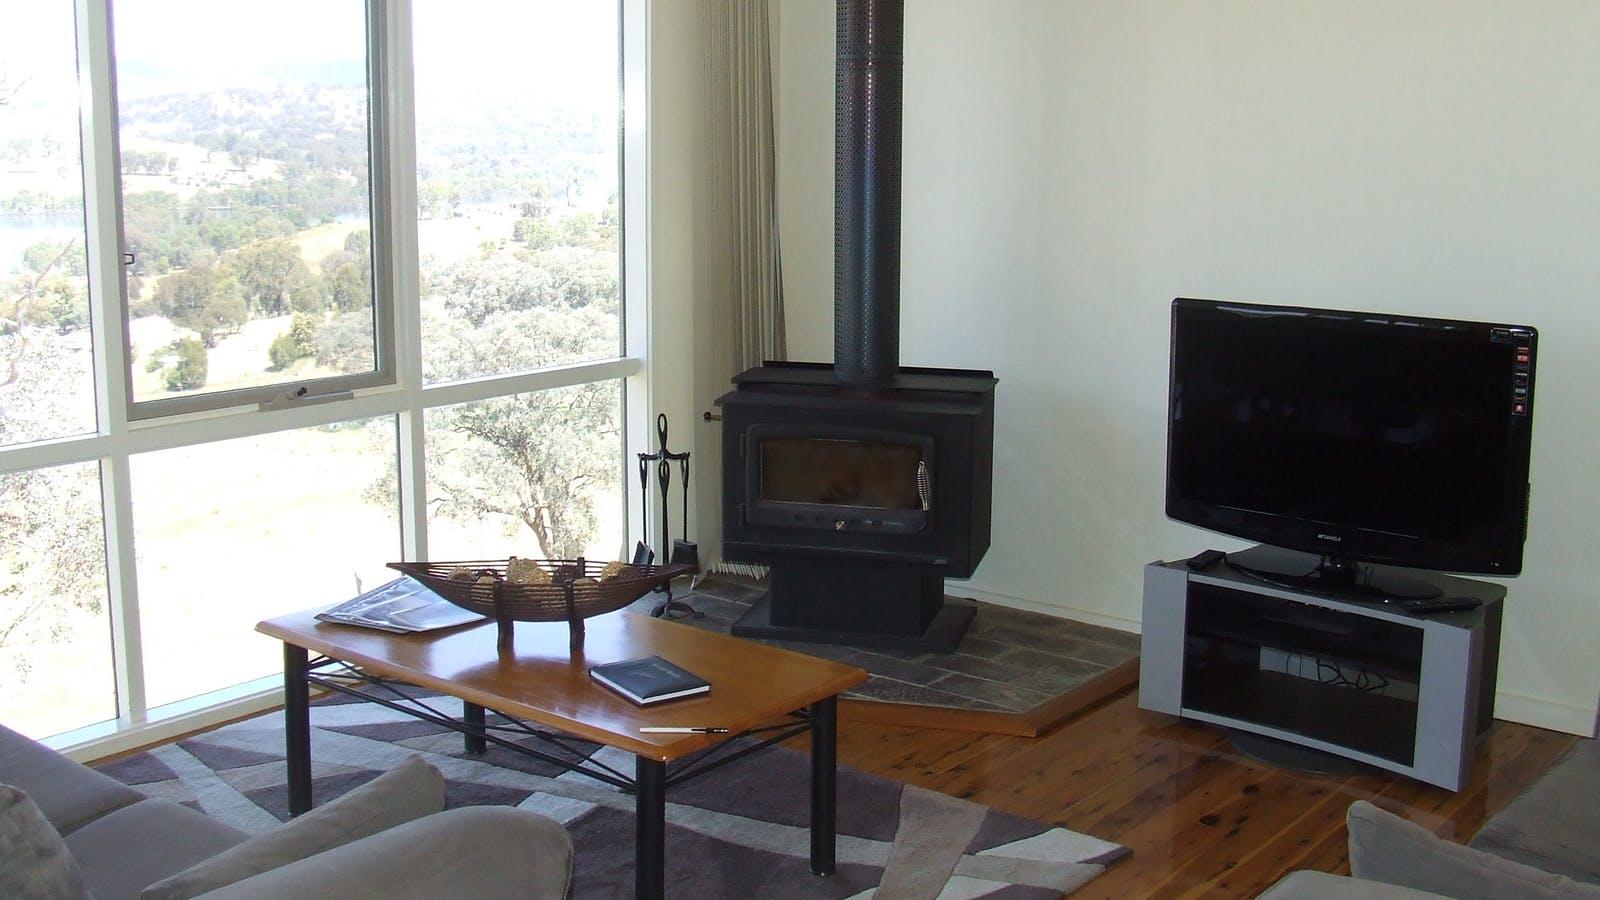 Grevillea - a modern one bedroom cottage